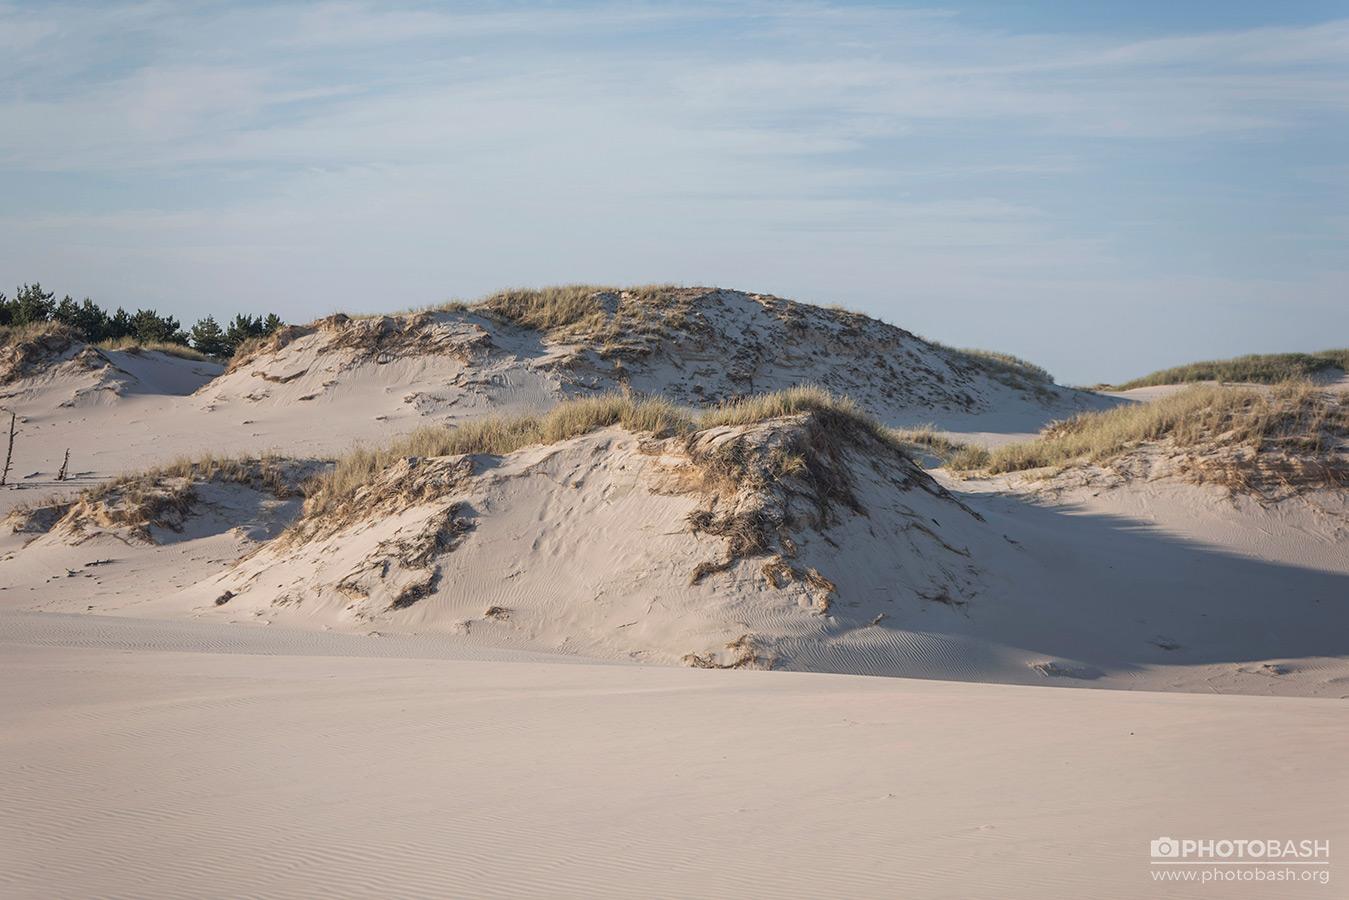 Coastal-Dunes-Beach-Shoreline.jpg